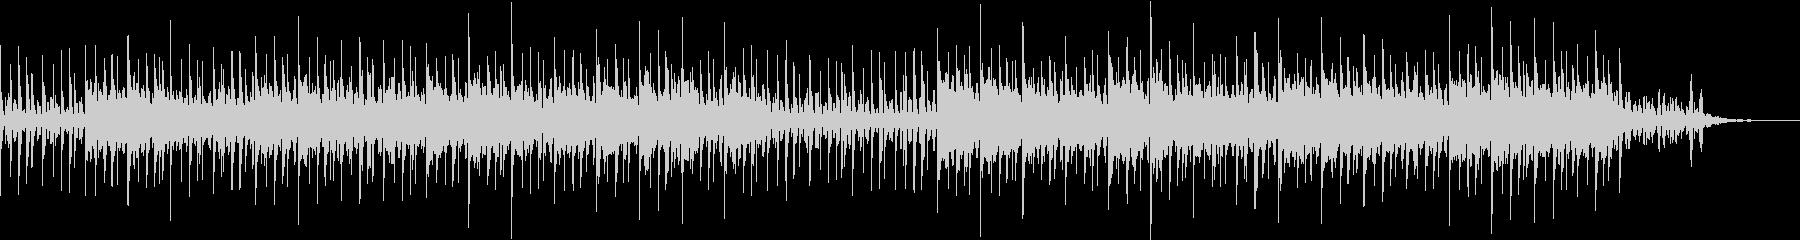 壮大なポストロック風シンセ ループ音源の未再生の波形